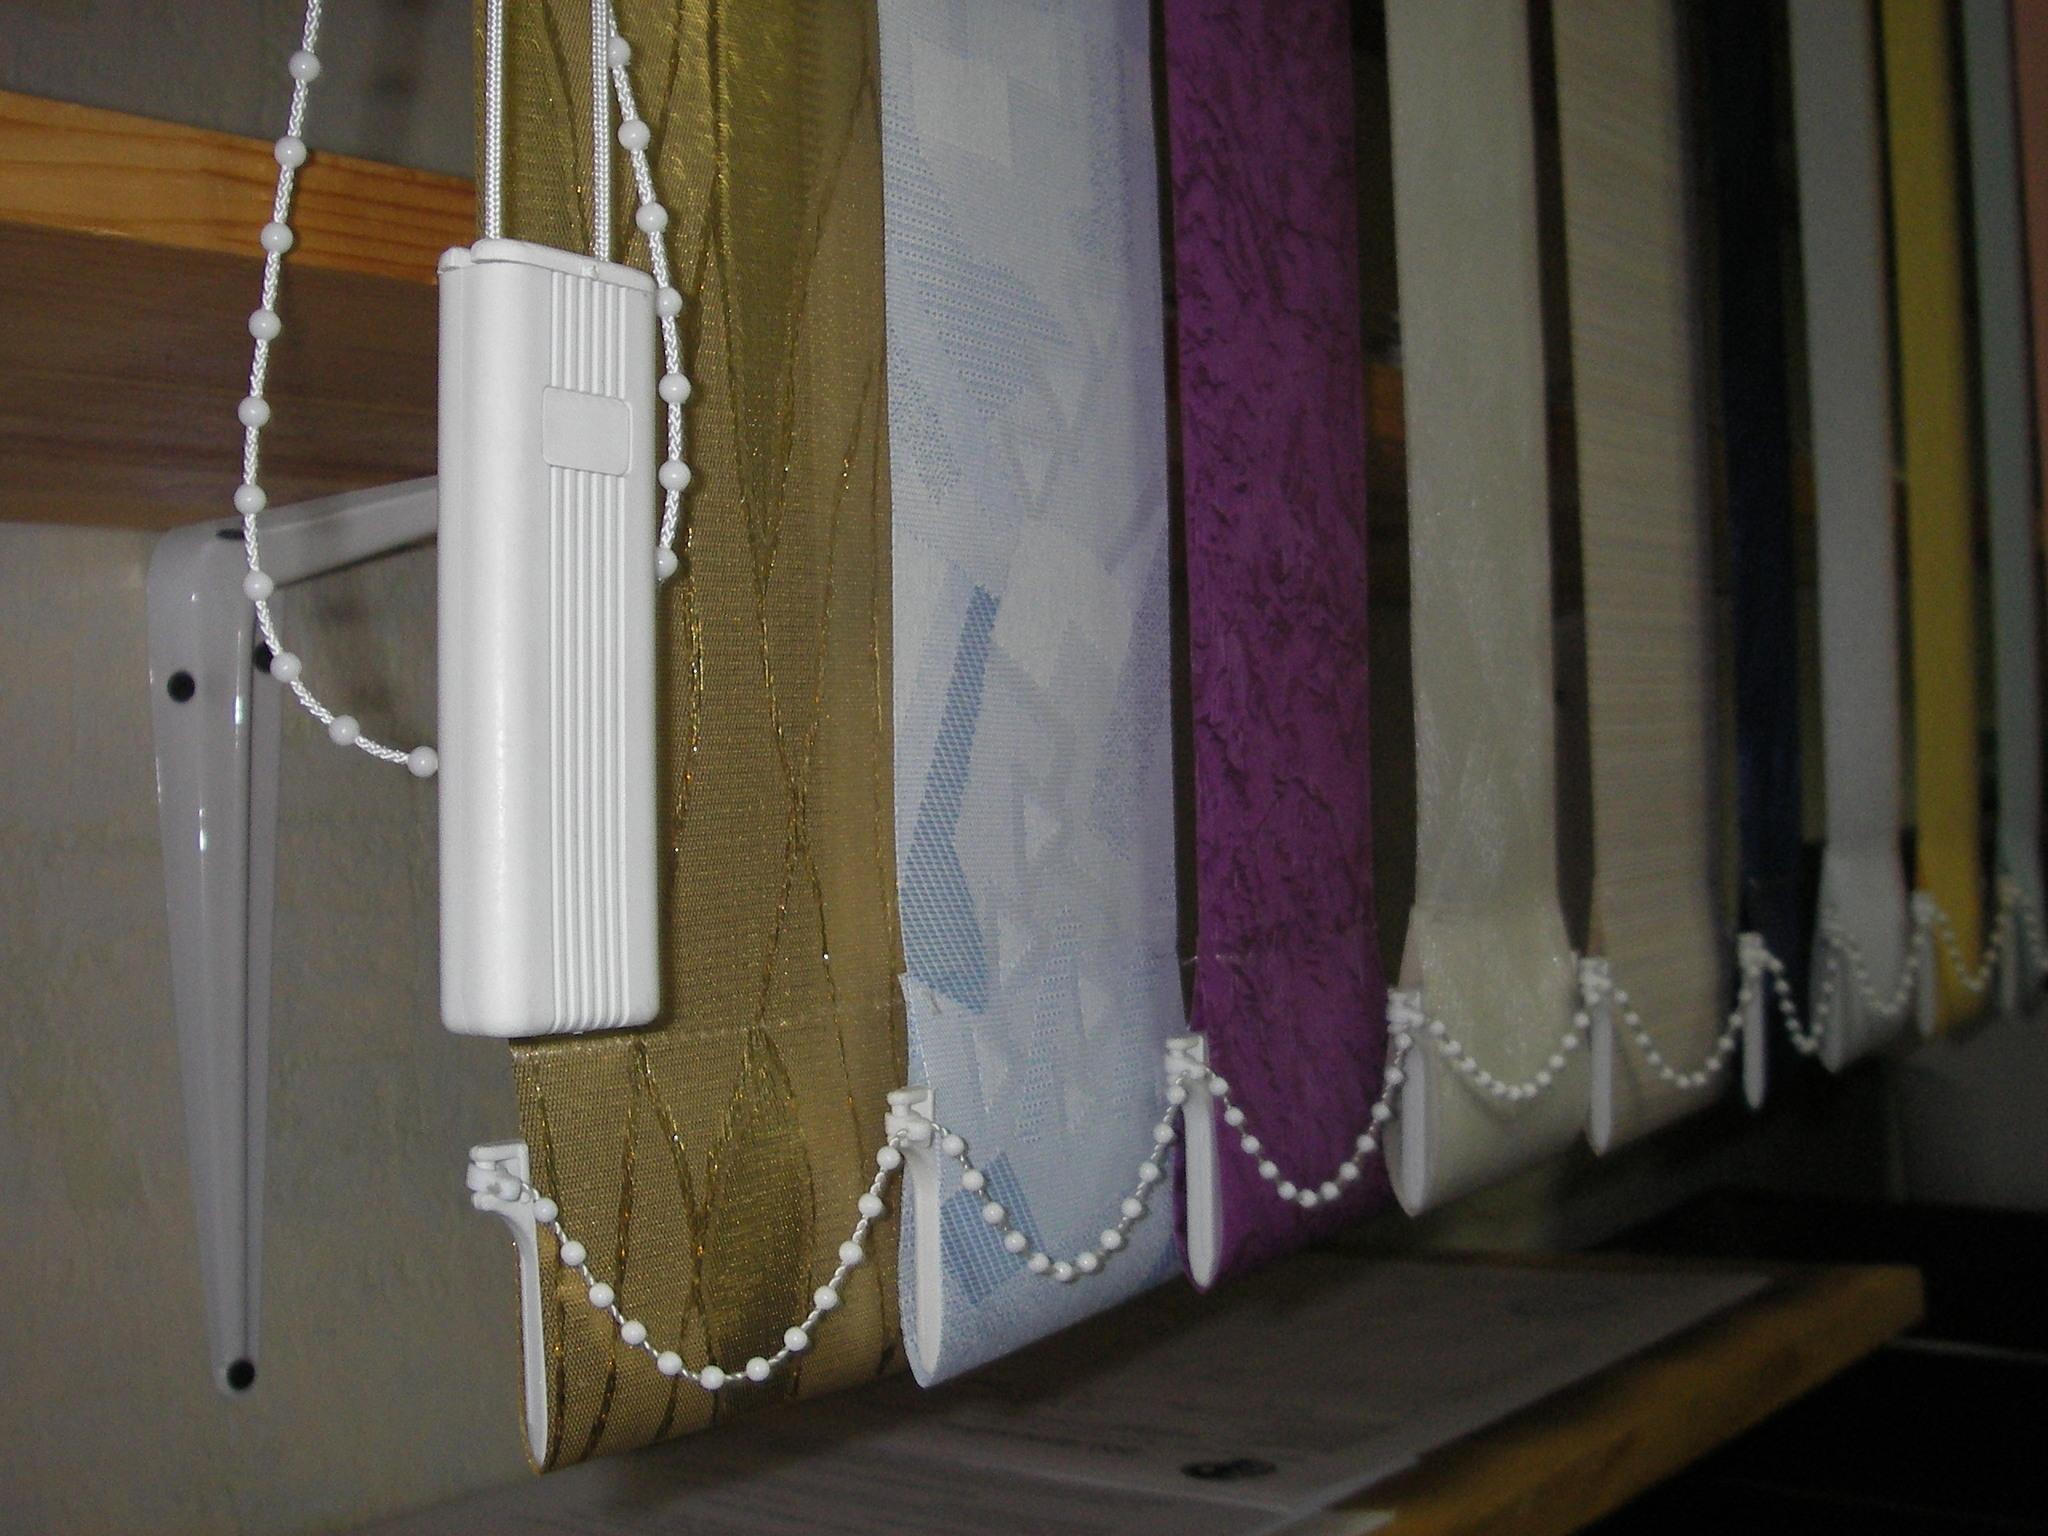 Вертикальные шторы купить на окна из ткани идальго-27 салато.